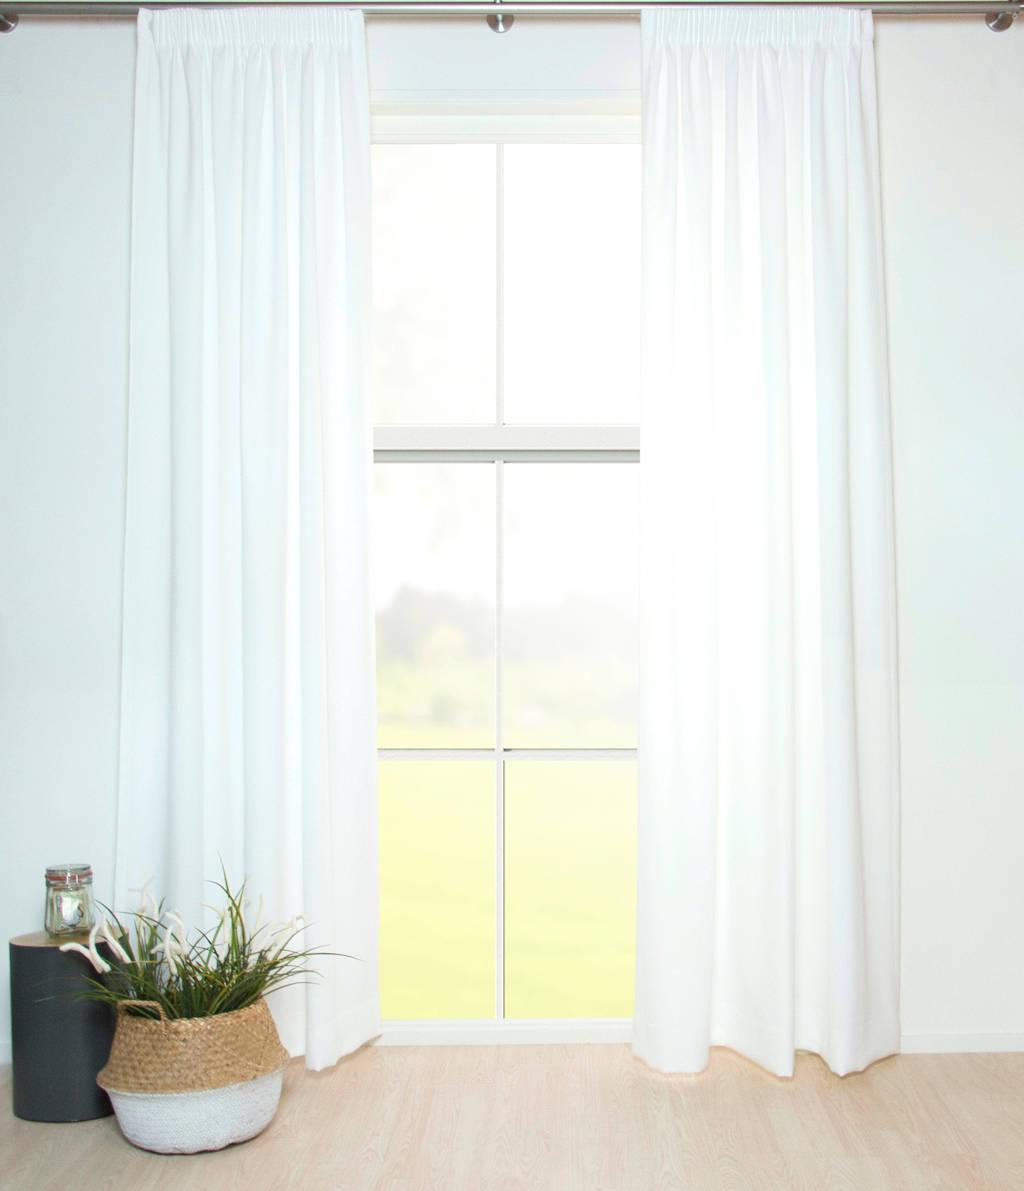 W lichtdoorlatend gordijn kant en klaar (per stuk) (140 x 270 cm), Off White